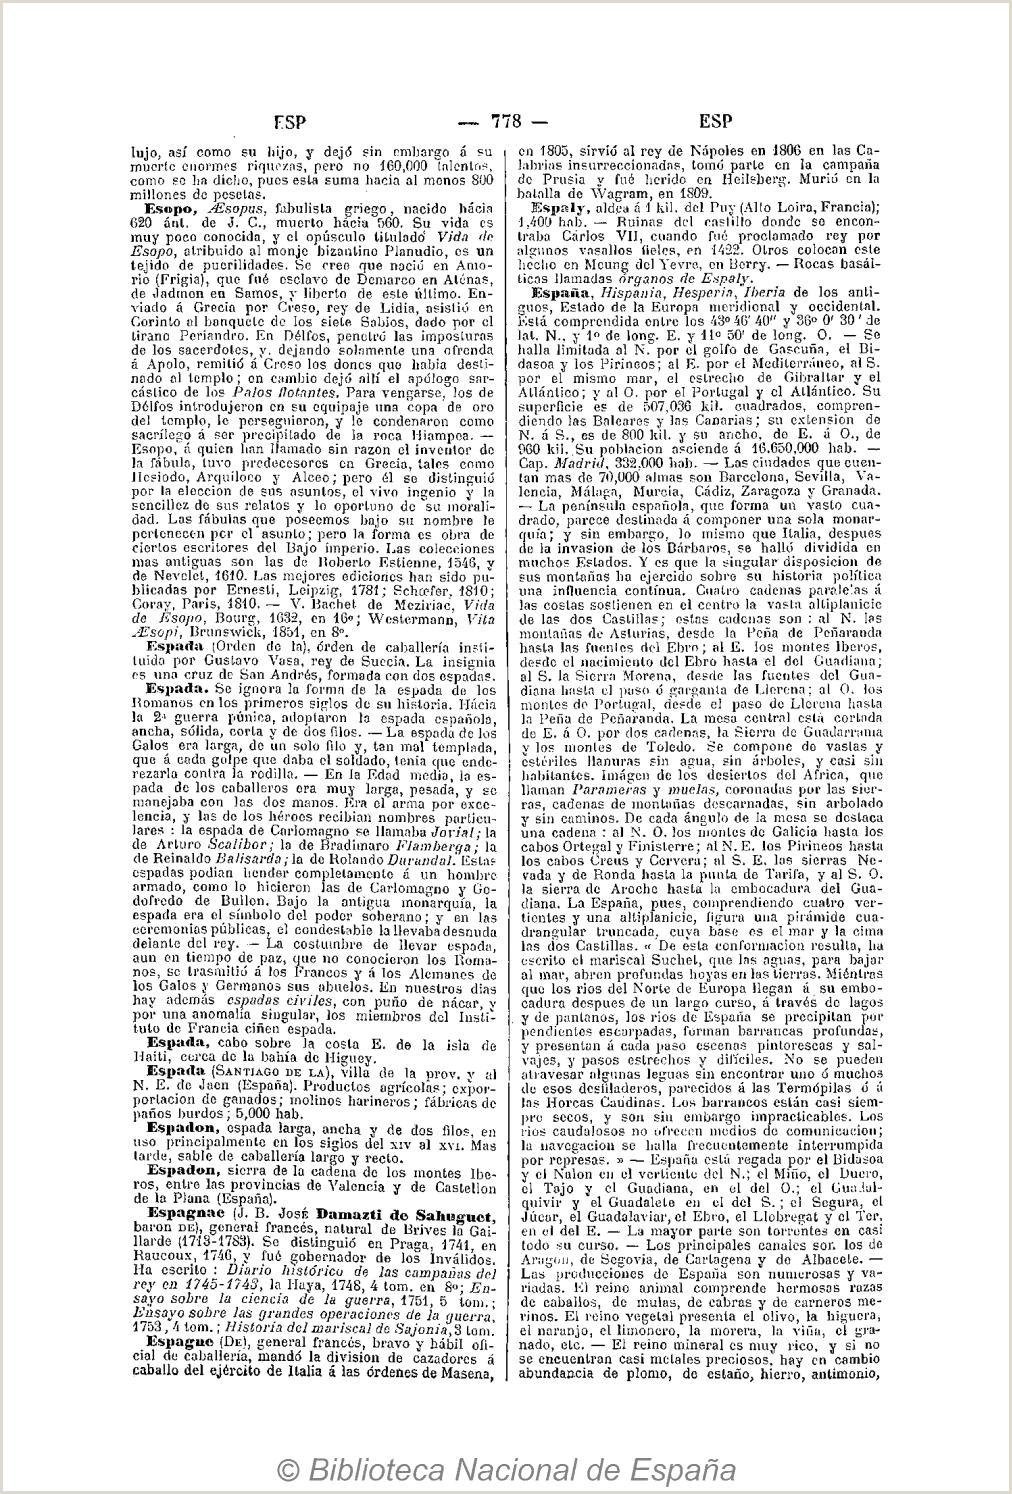 Diccionario enciclopédico de historia biografa mitologia